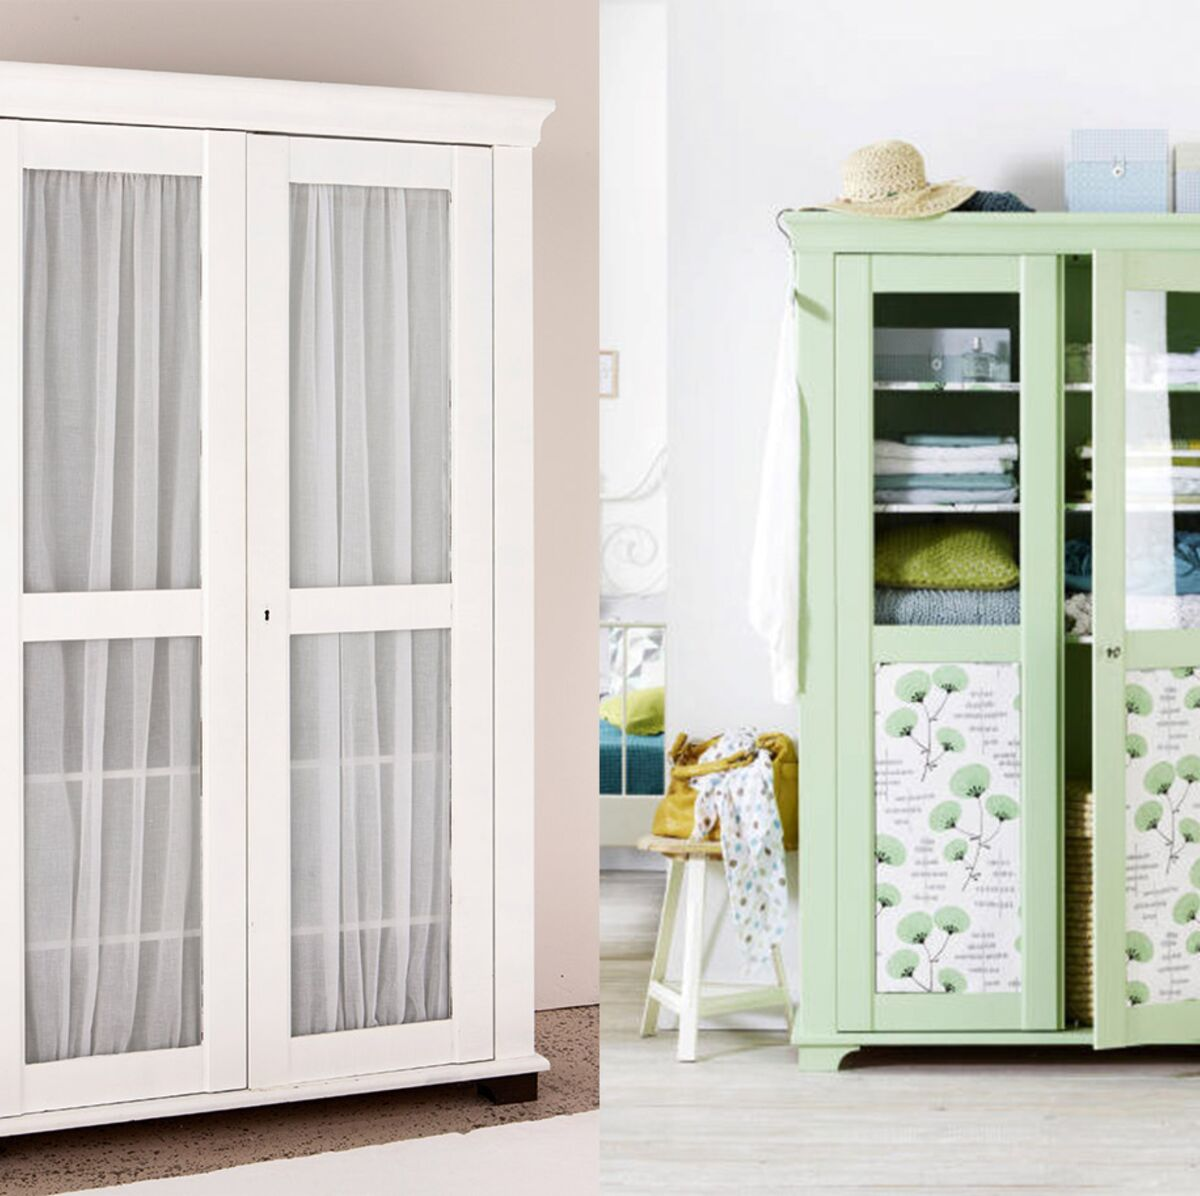 Comment Customiser Une Armoire relooking de meuble : comment moderniser une armoire vitrée